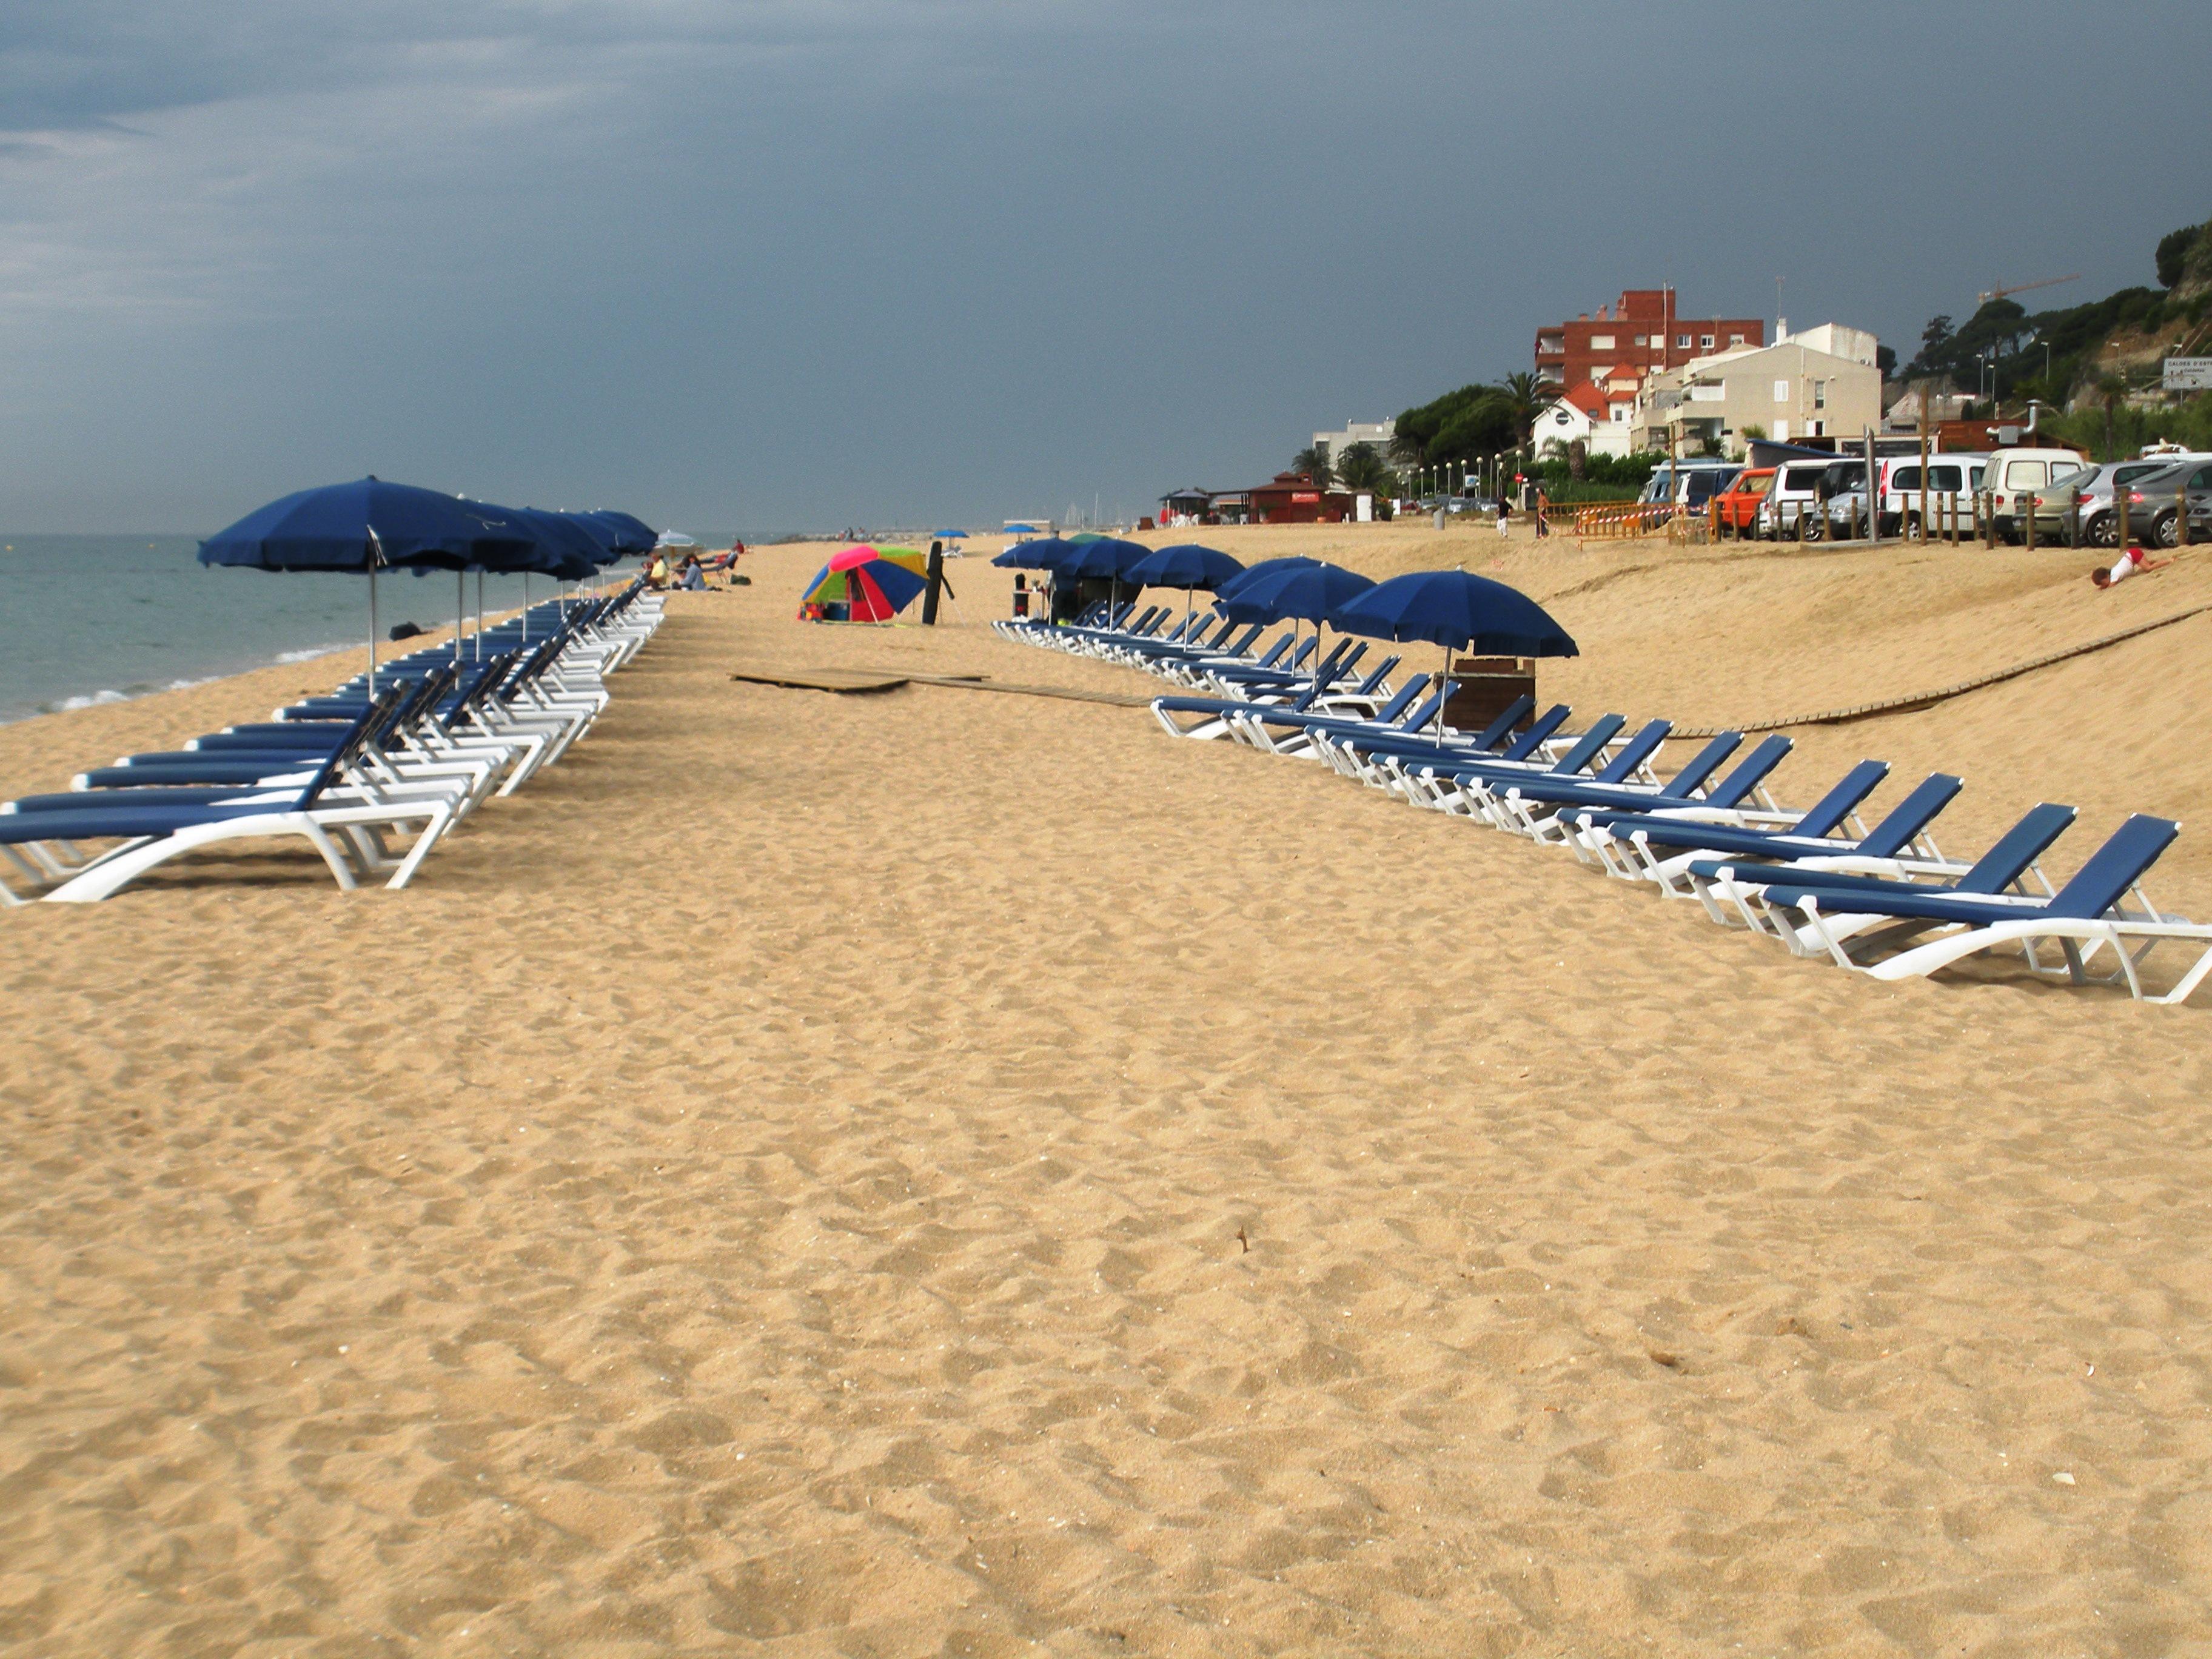 Foto playa La Musclera. Gandules esperant hostes que avui no vindran